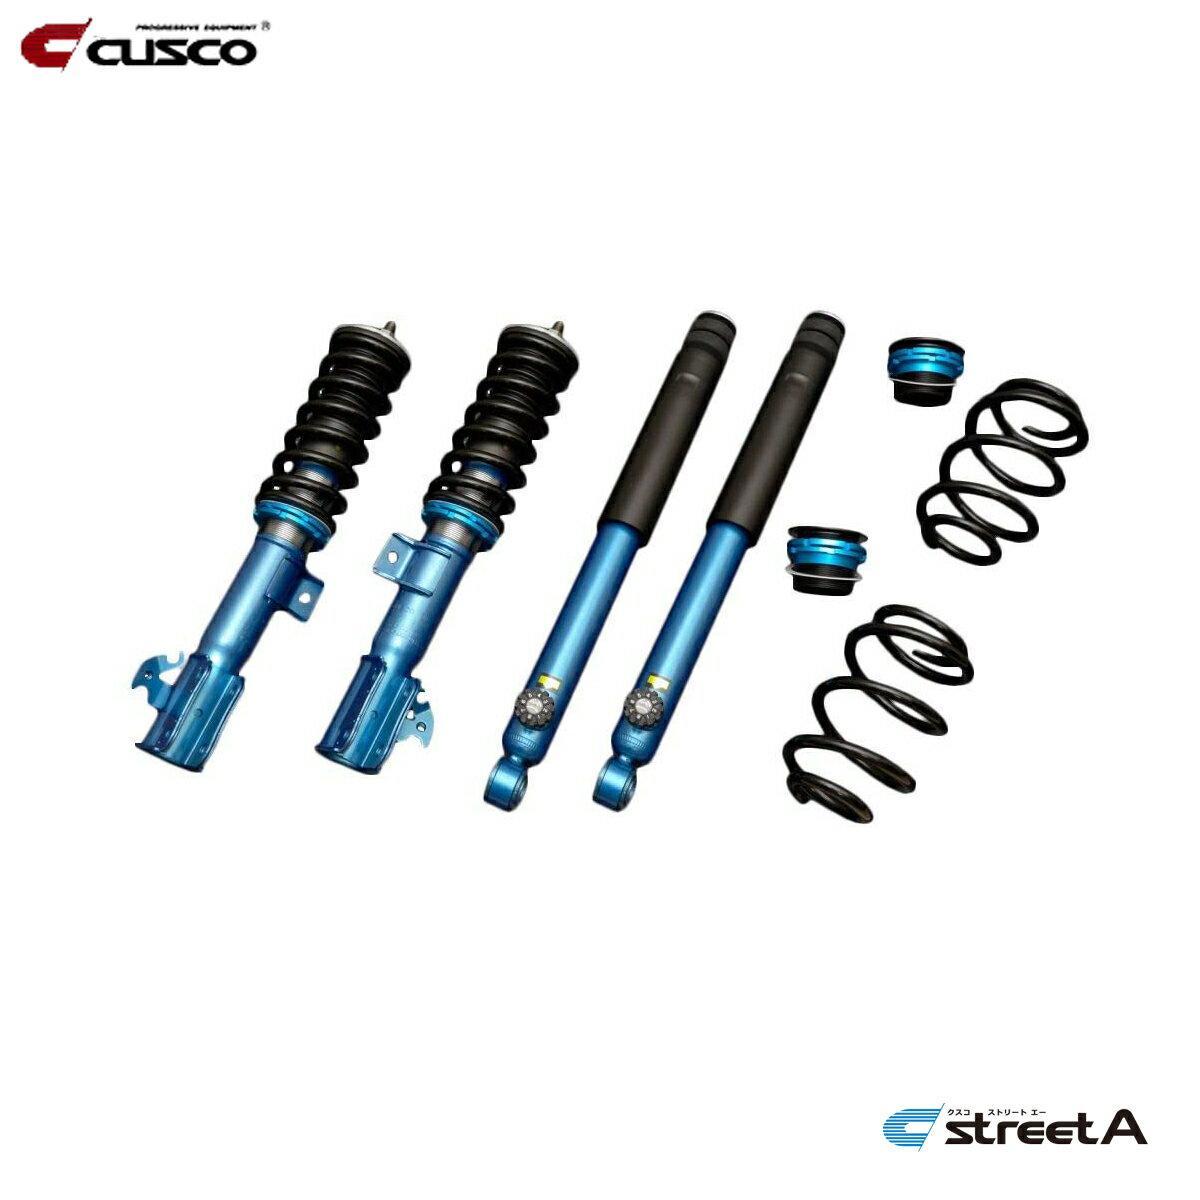 CUSCO クスコ インサイト ZE2 車高調 全長固定式 376-62J-CB